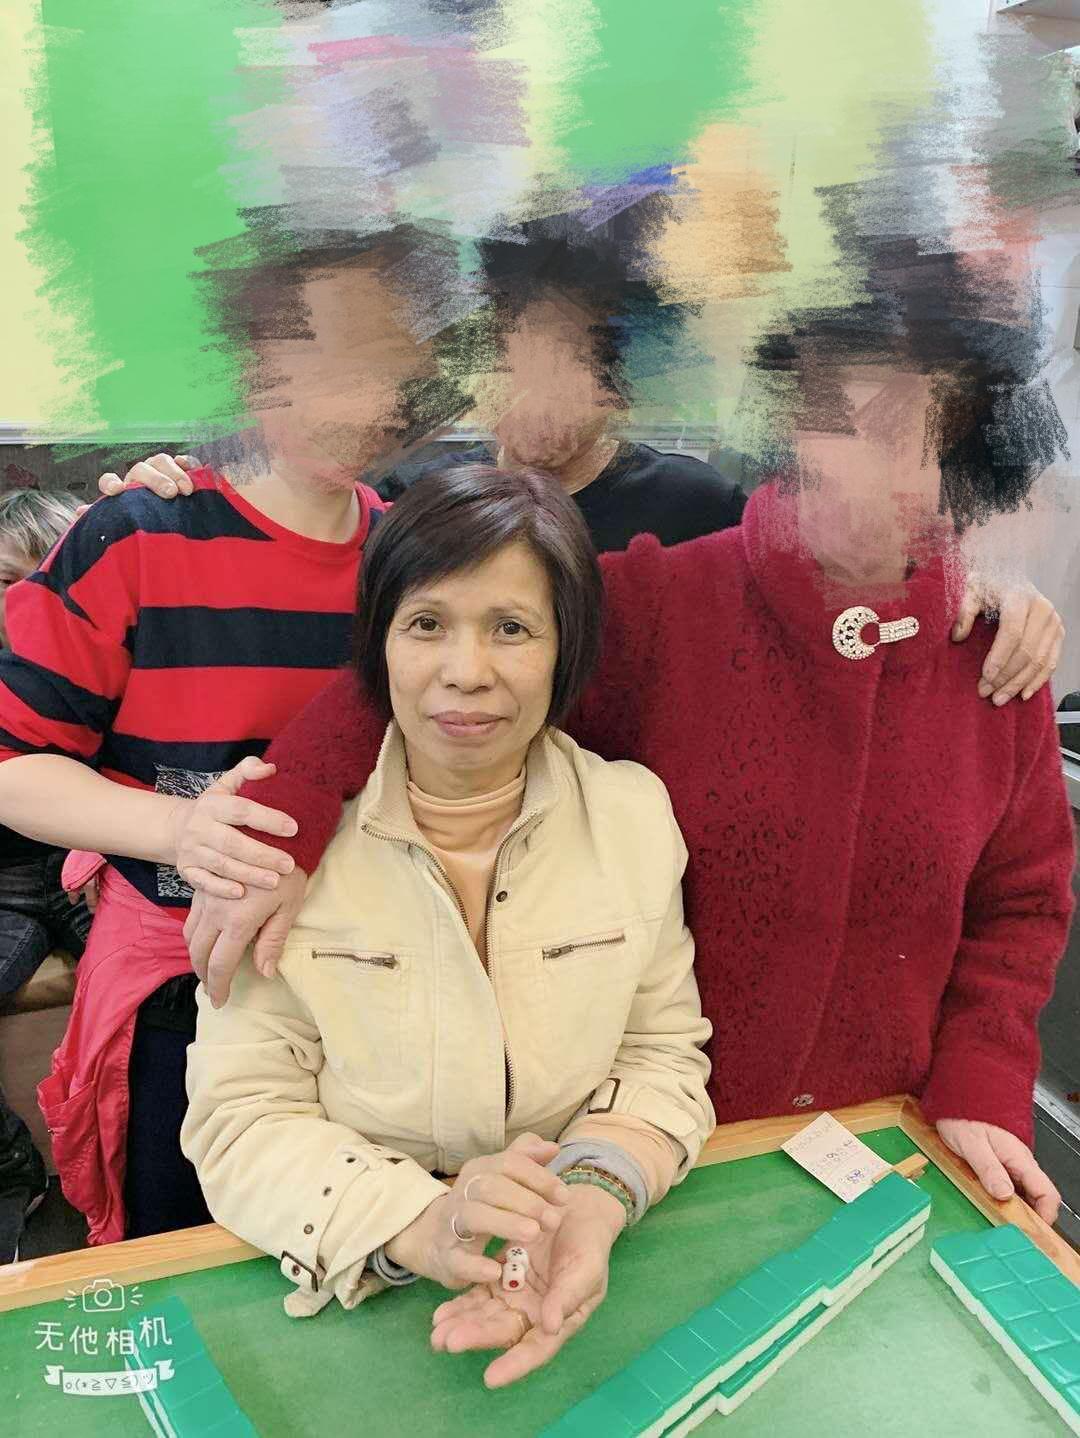 郭玉治是稱職的家庭主婦,亦會到餐廳打工幫補家計,10年前才退休。家人提供